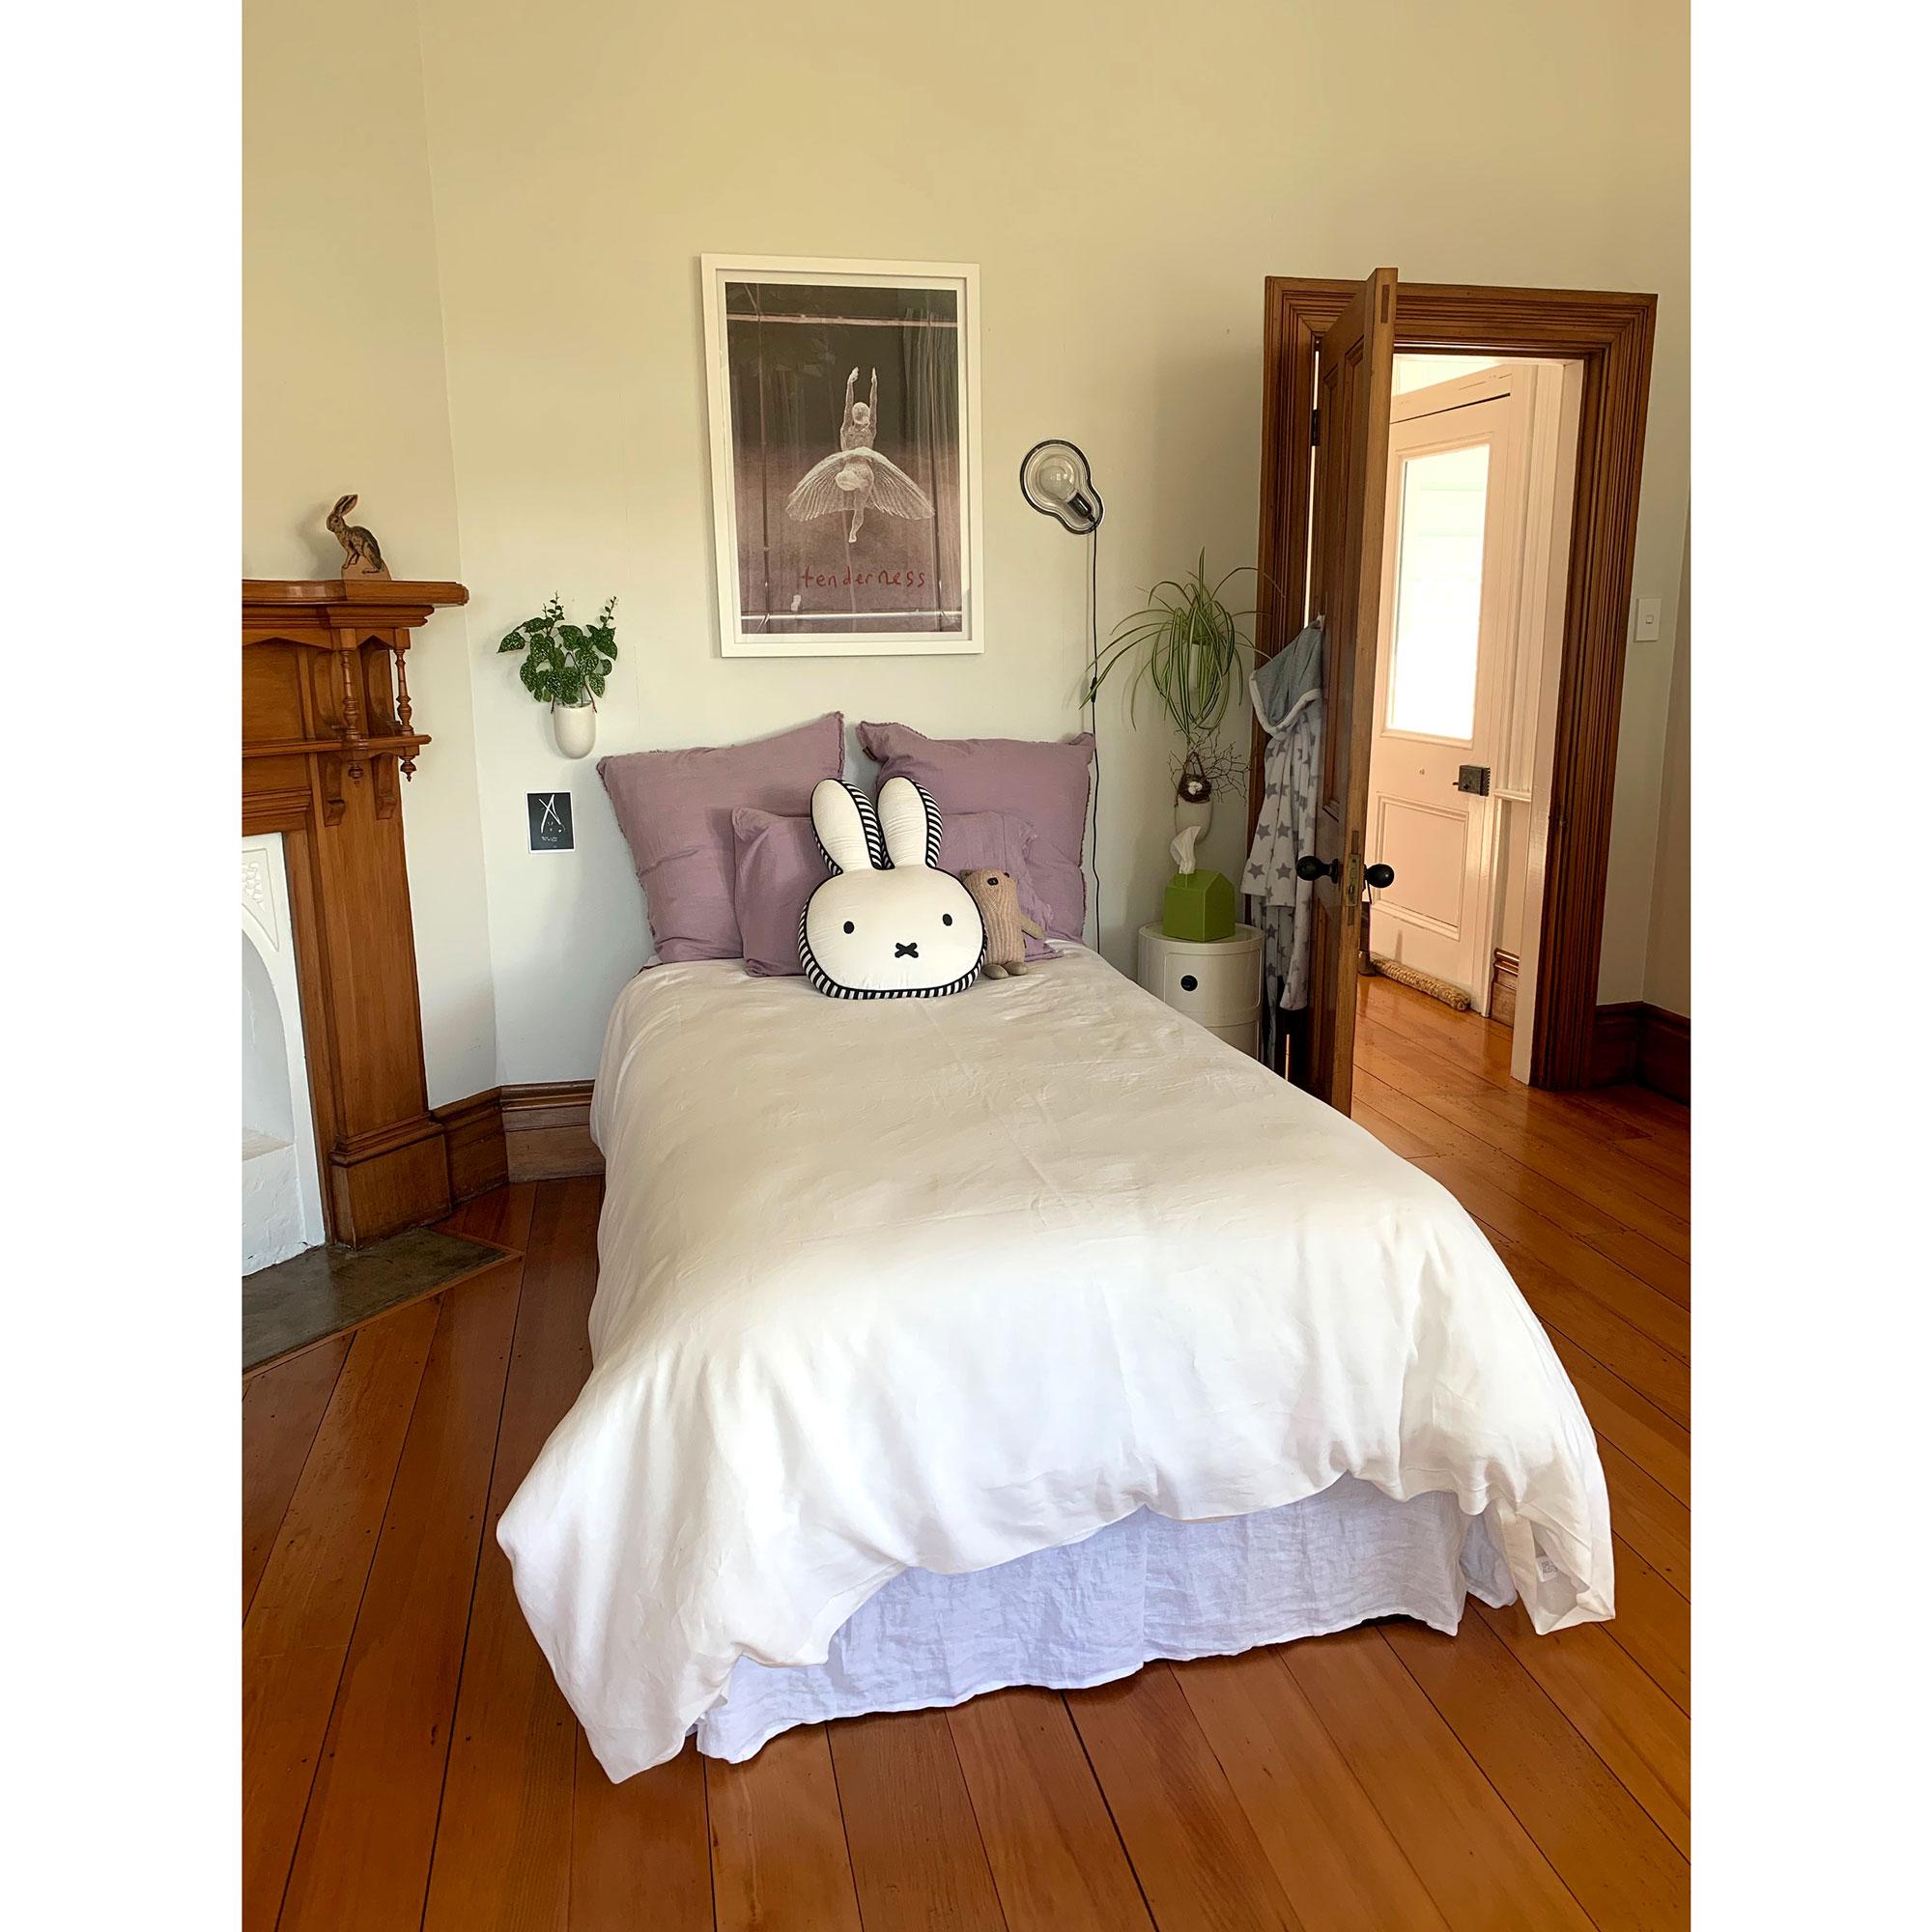 Tenderness [ballerina] 2019  in Phoebe's bedroom